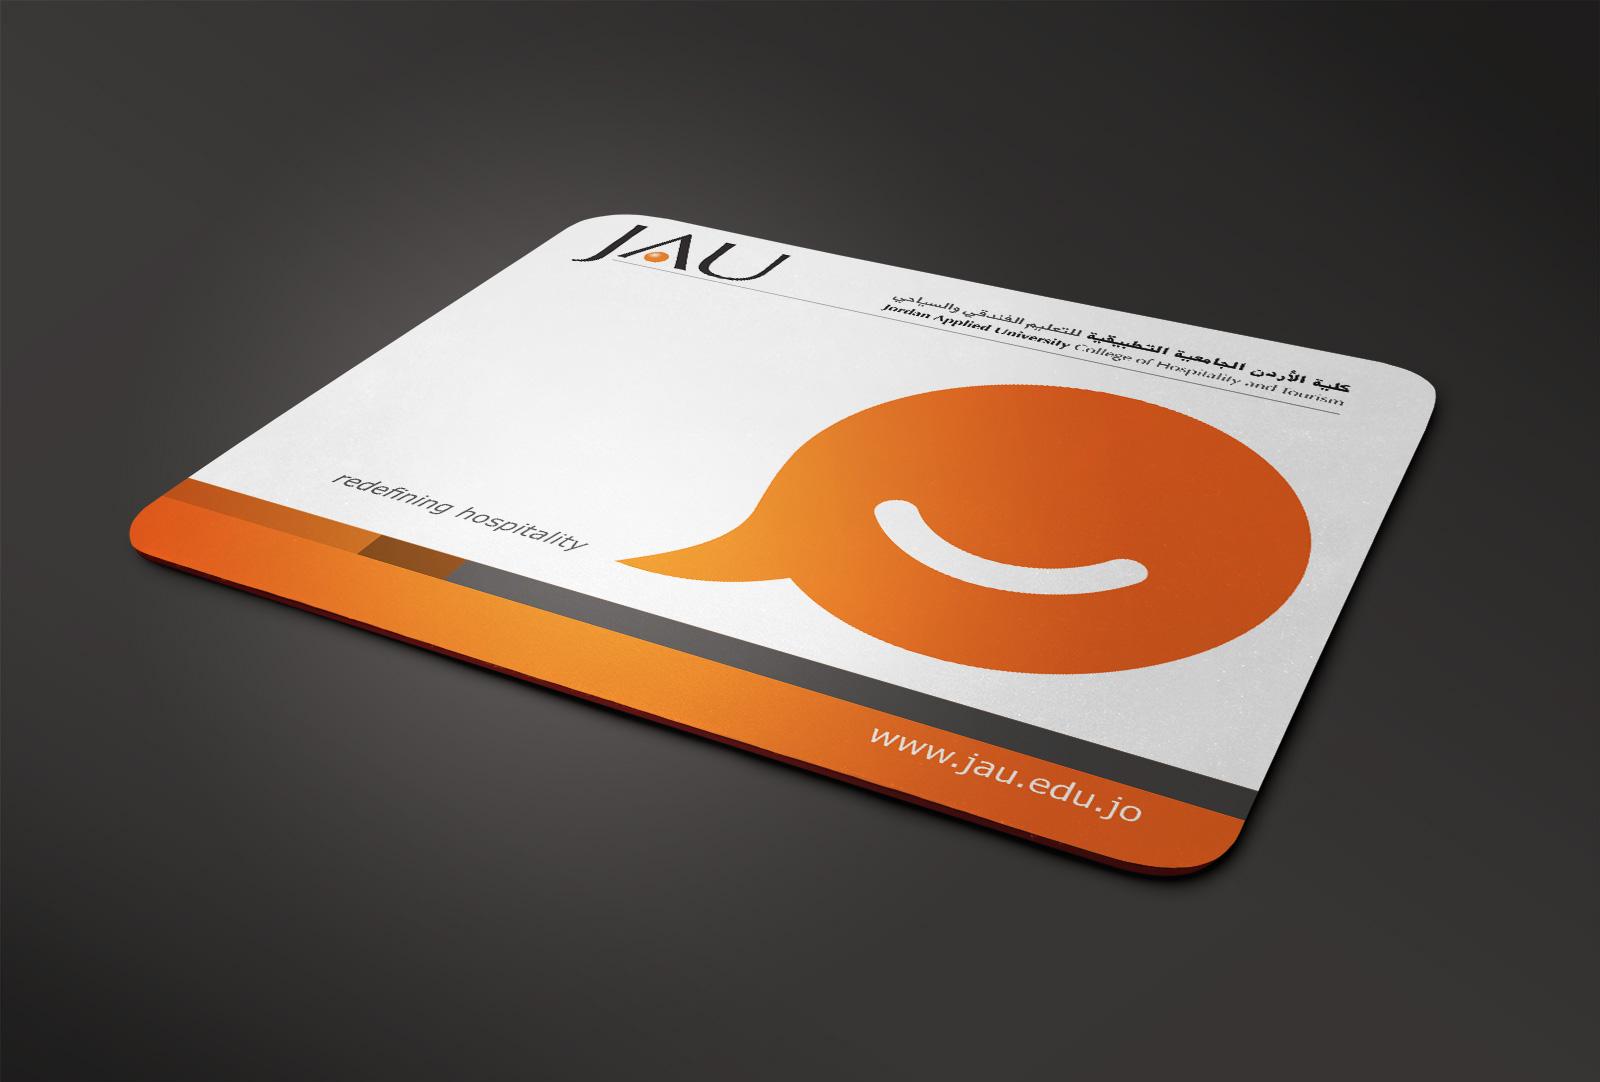 Mousepad design for JAU